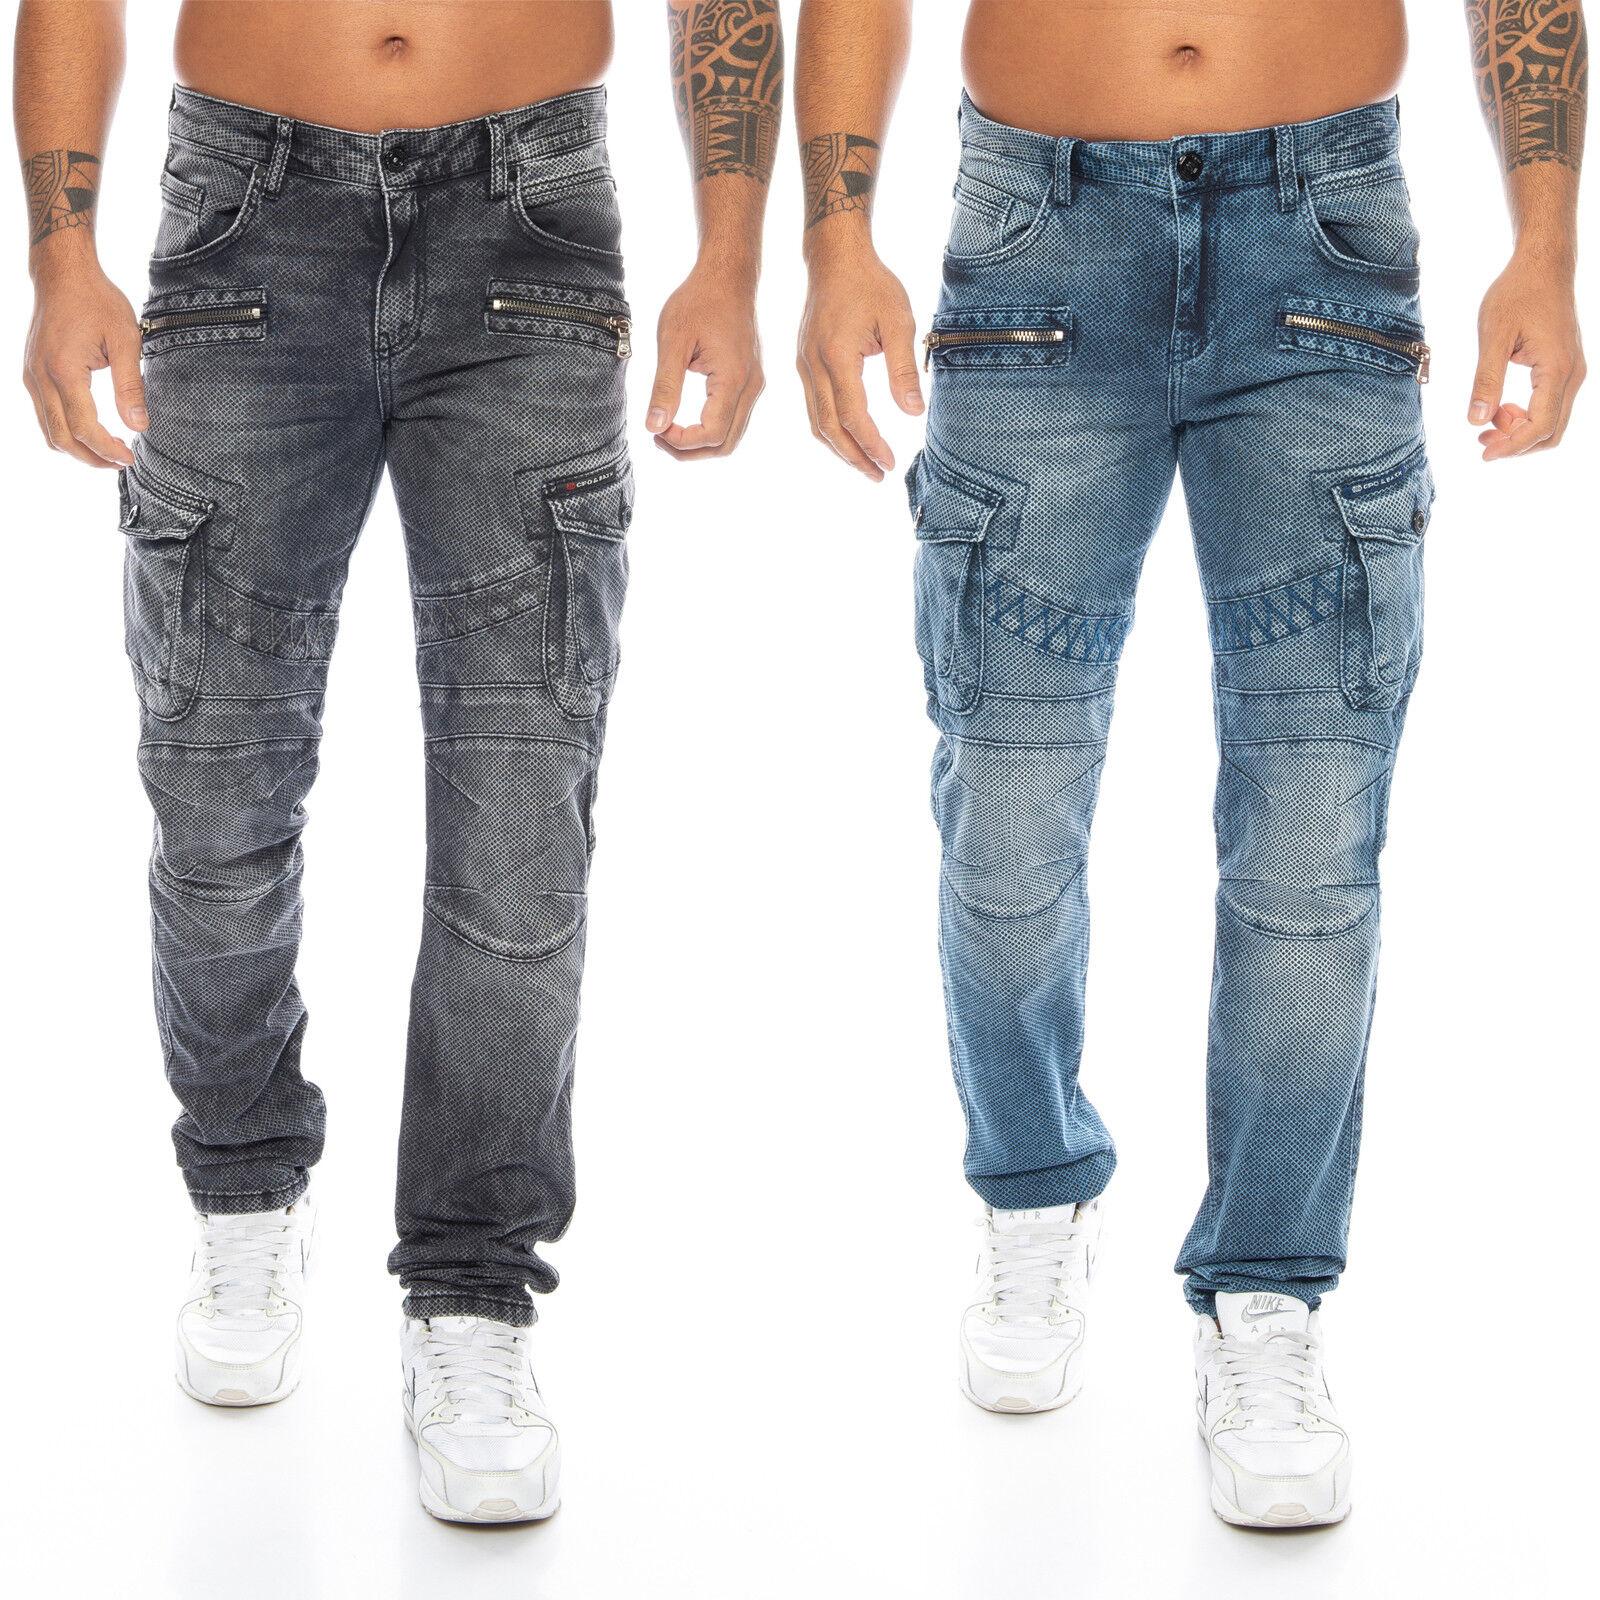 Cipo & Baxx Uomo Jeans Pantaloni 369 NUOVO w28 29 30 31 32 33 34 36 38 40